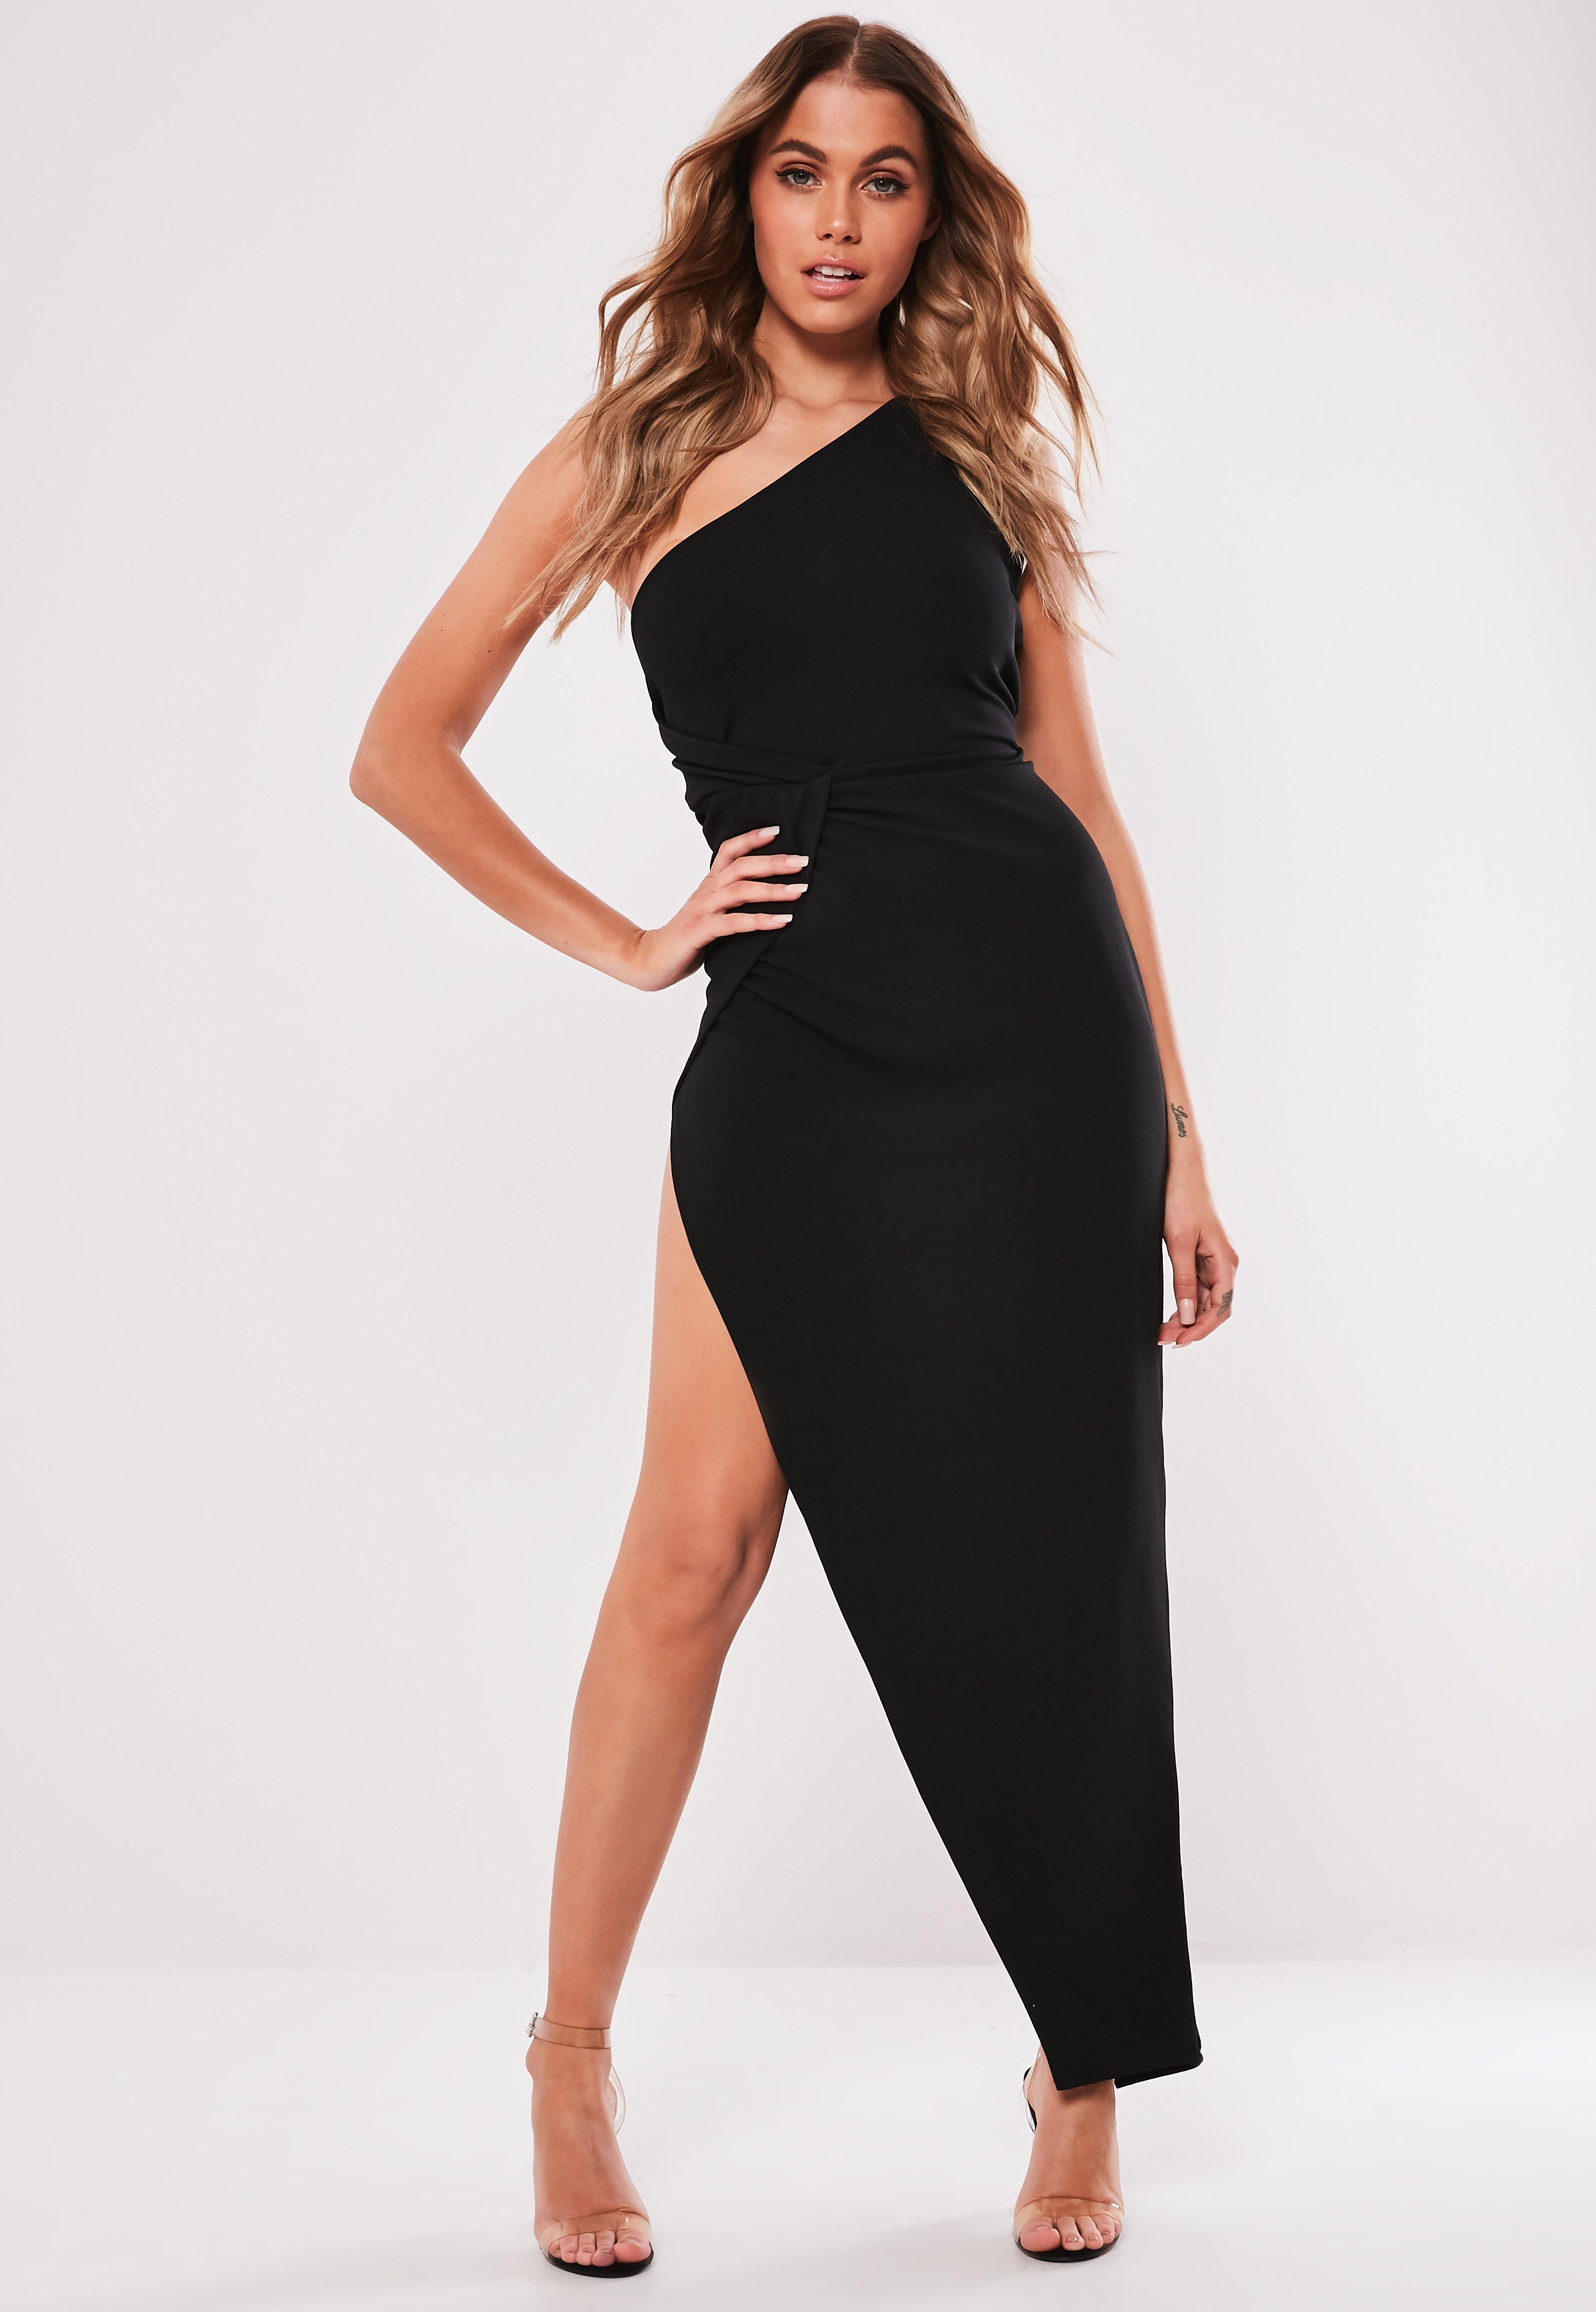 b85ef127efee Black One Shoulder Wrap Bodycon Midi Dress